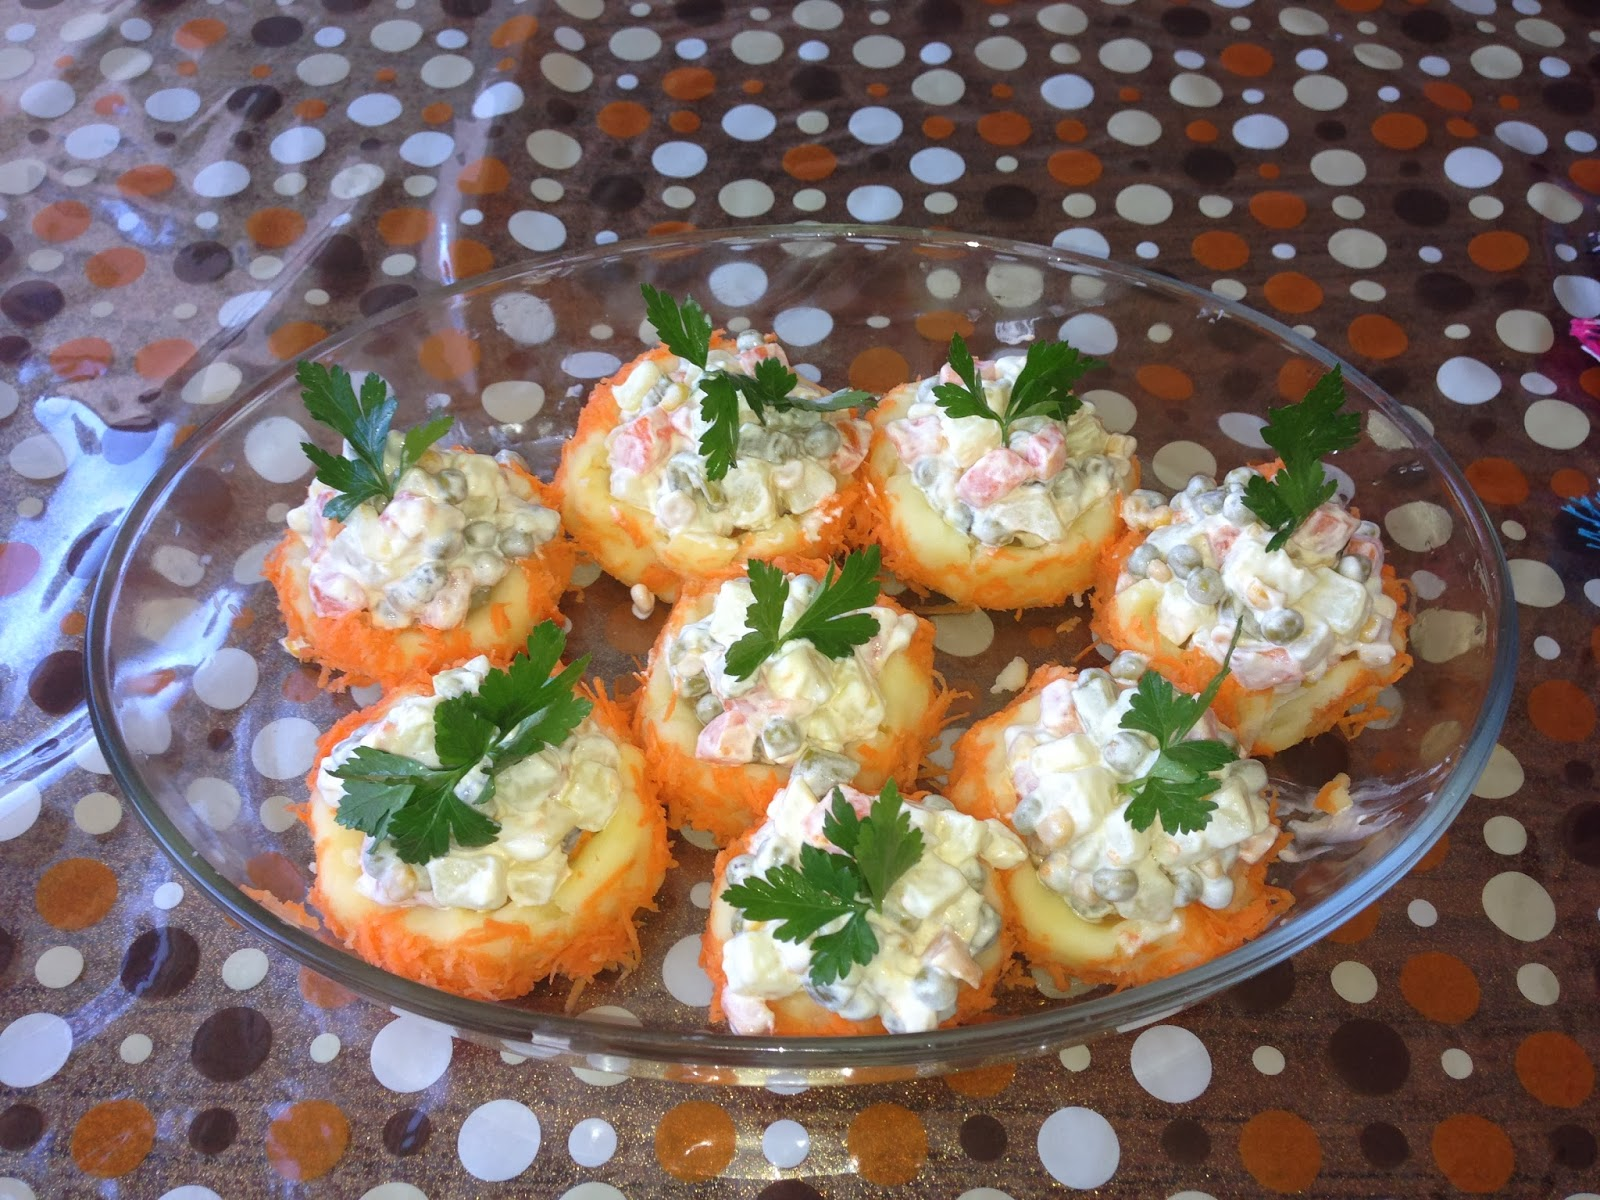 yemek: rus salatası 2 [40]